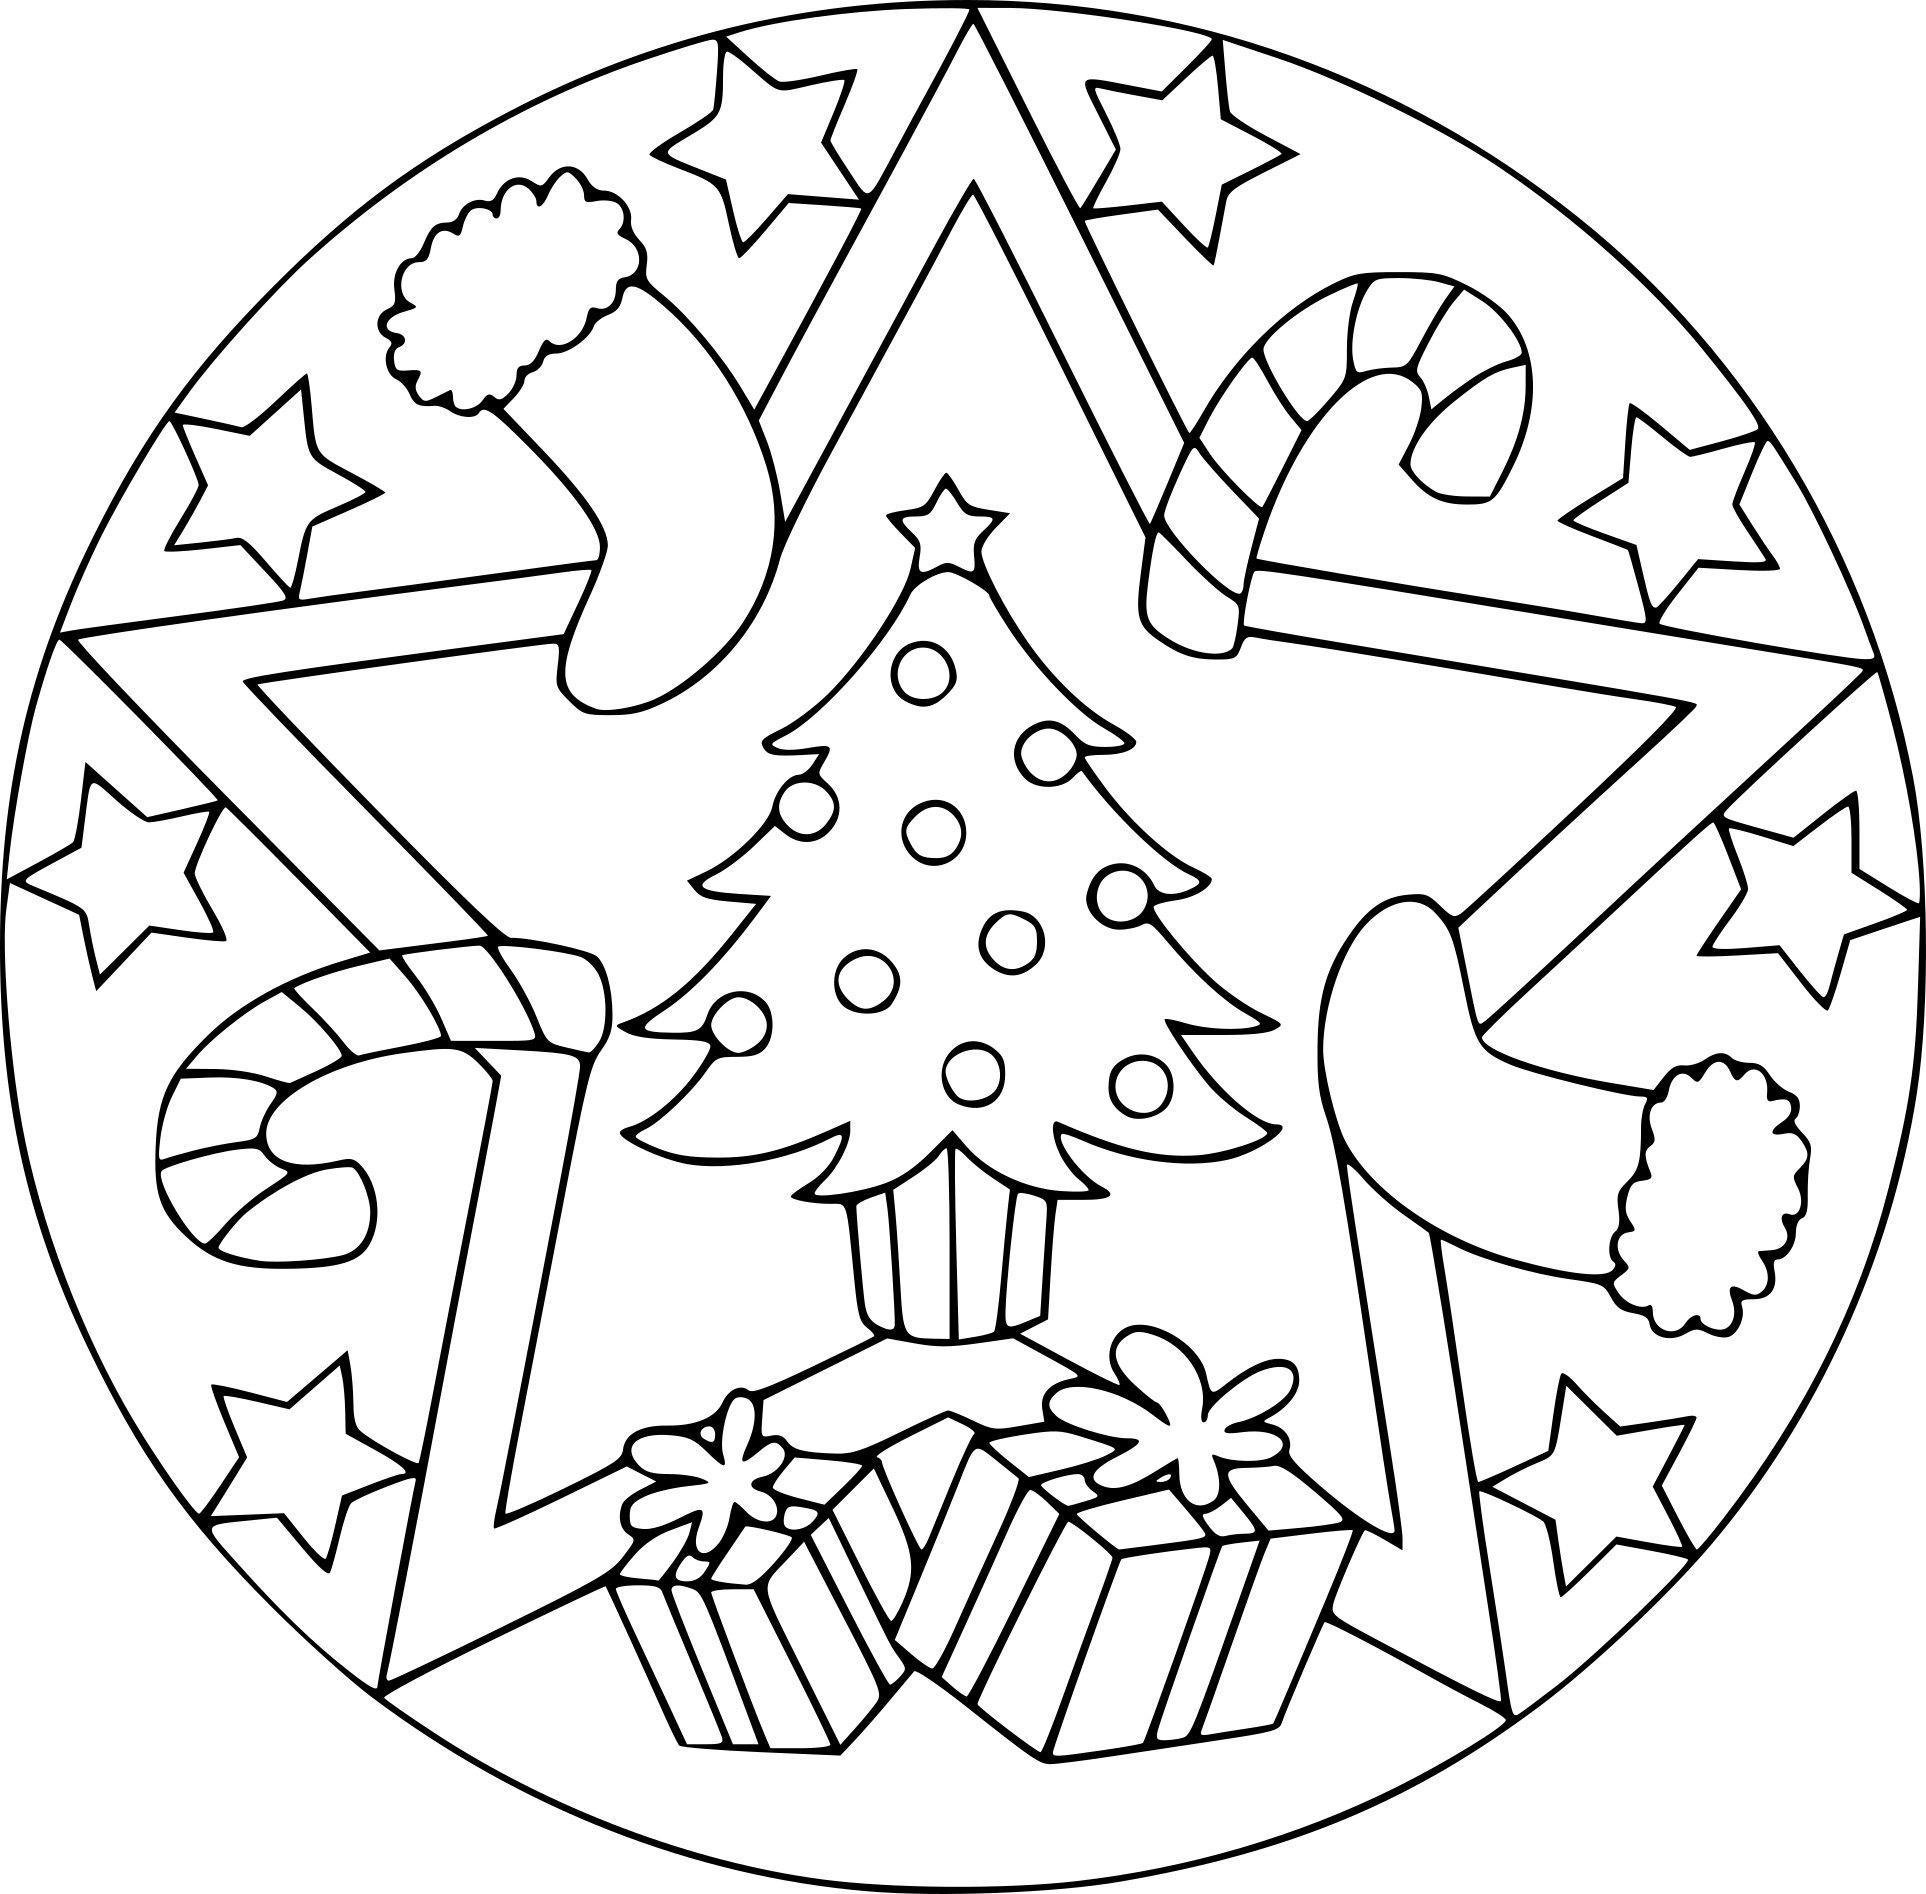 Mandala Noel Ausmalbilder Zum Drucken Coloriage De Noel A Imprimer Mandala Kleurplaten Kerstkleurplaten Mandala